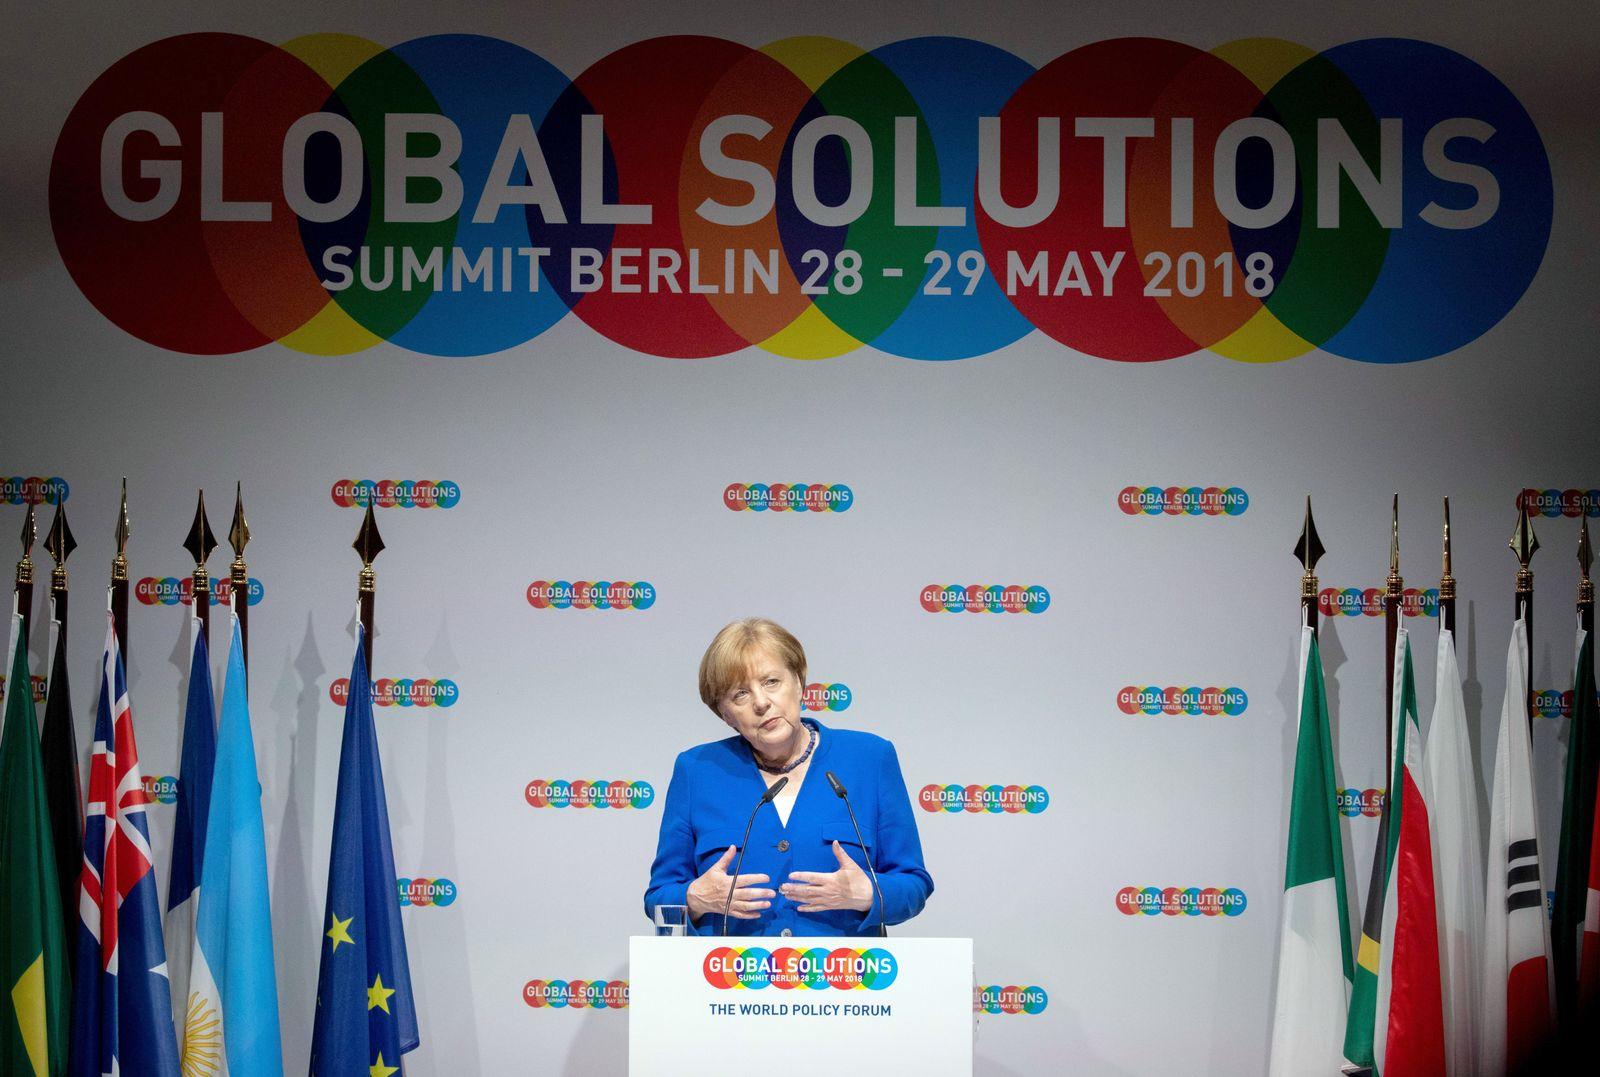 Angela Merkel / Global Solutions Summit